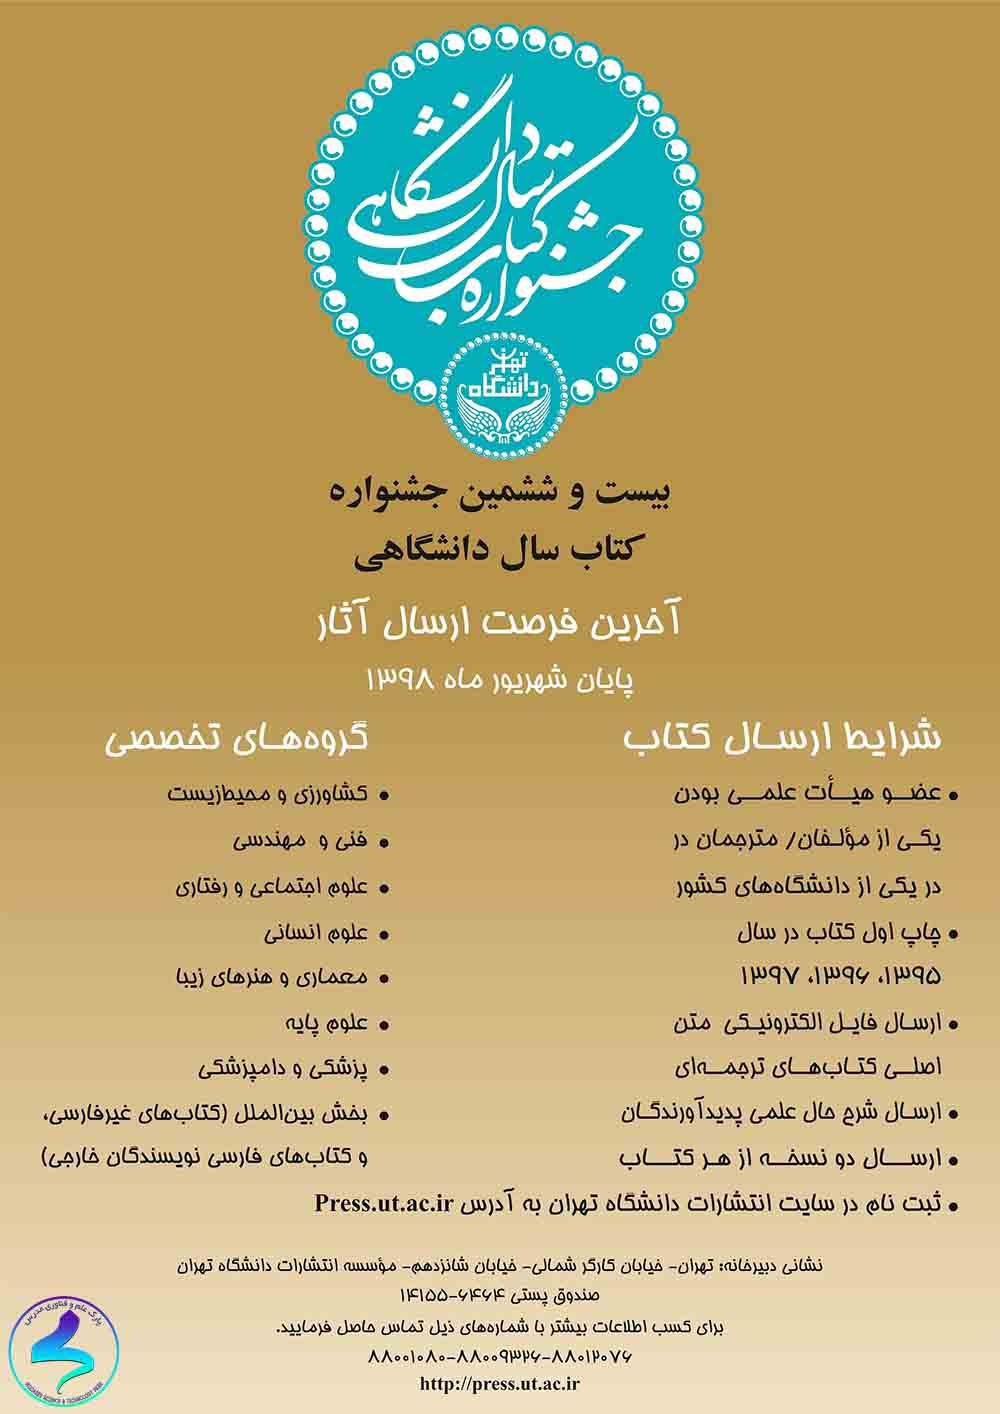 بیست و ششمین دوره جشنواره کتاب سال دانشگاهی